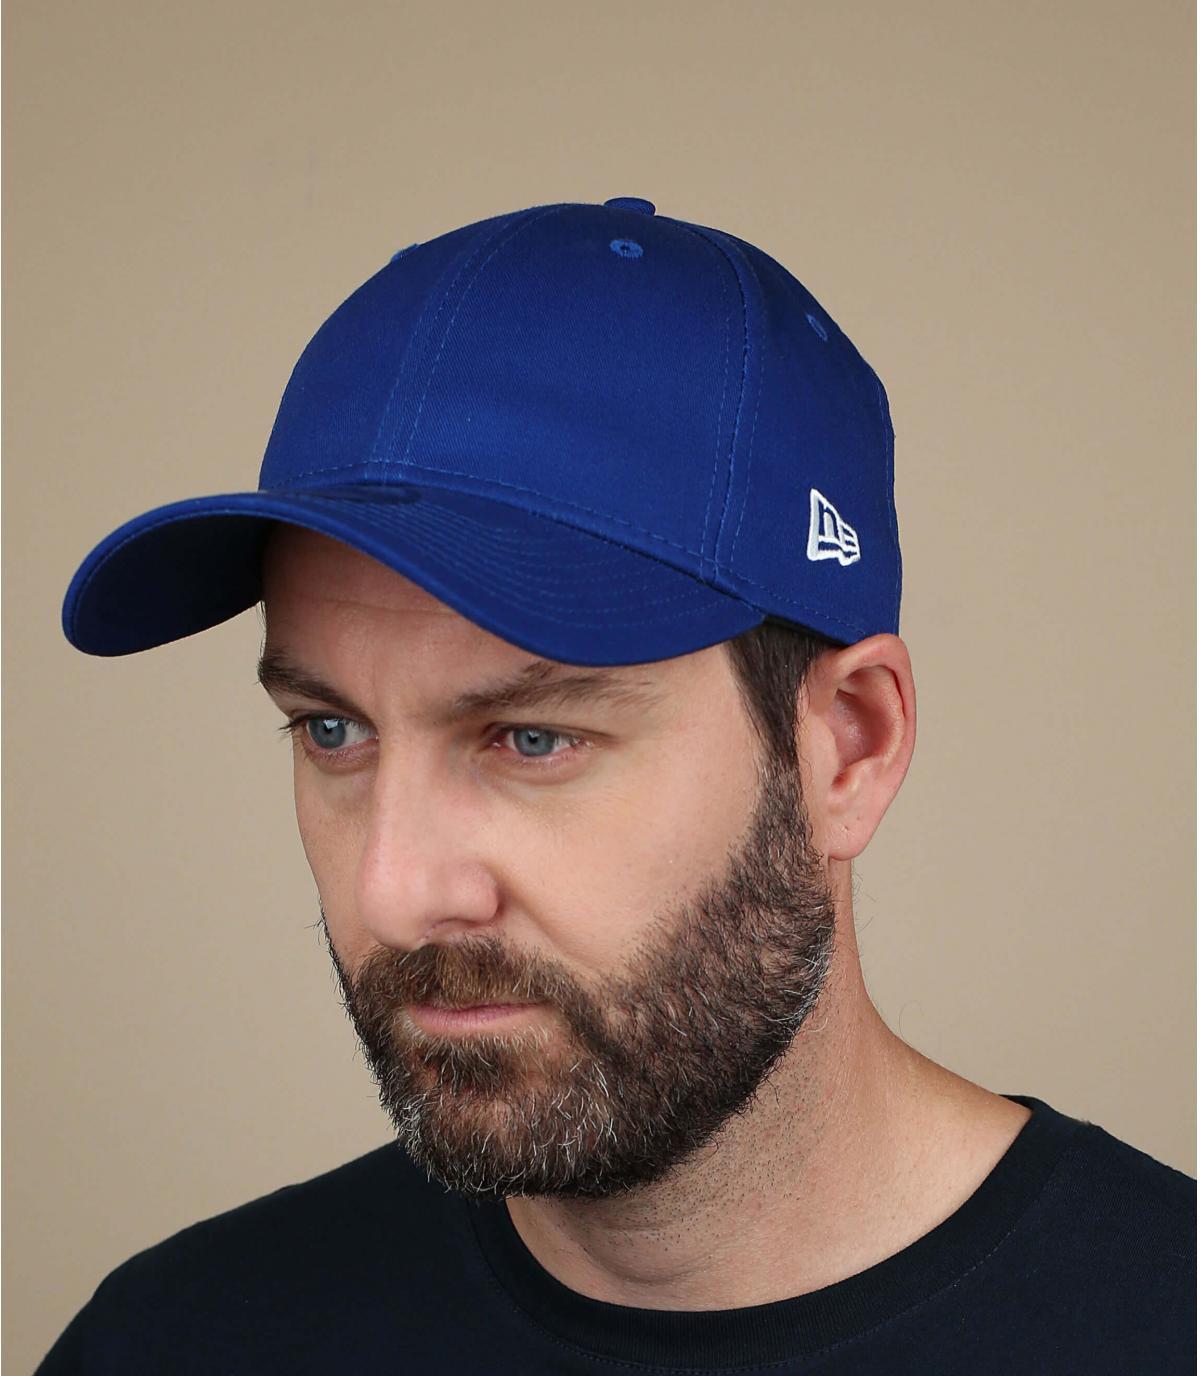 royal blue cap New Era